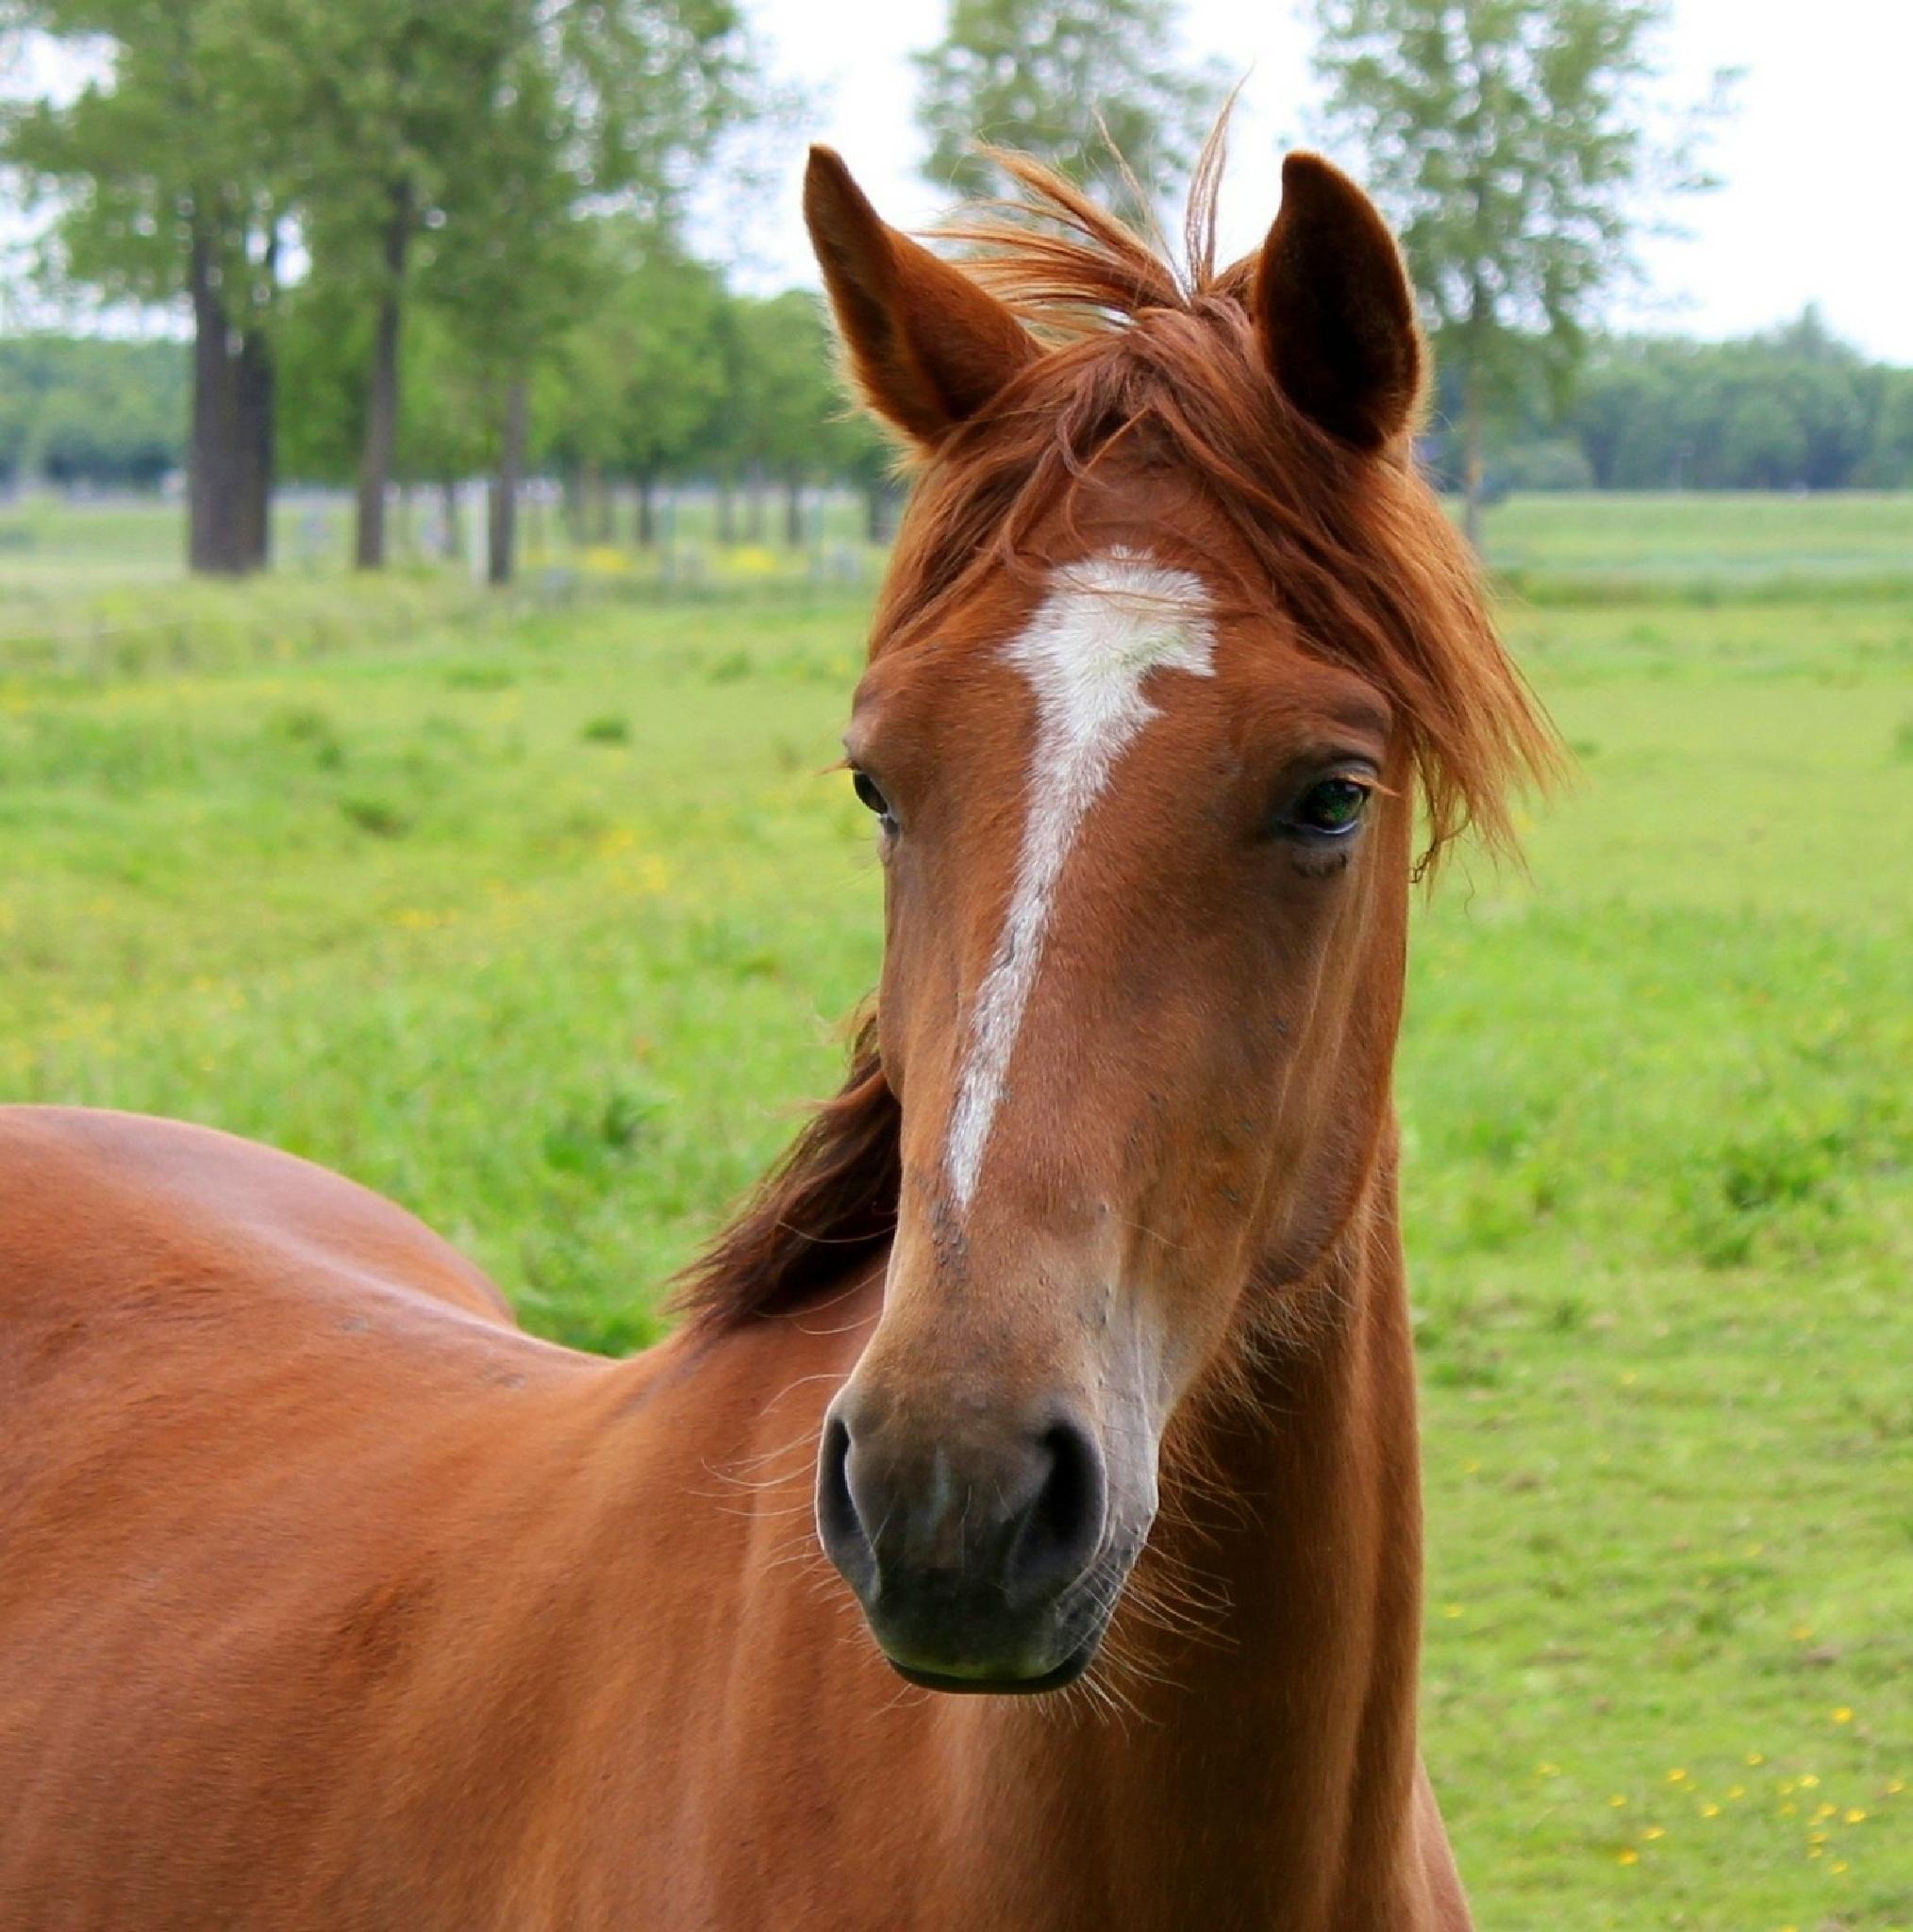 Horse by joselok05